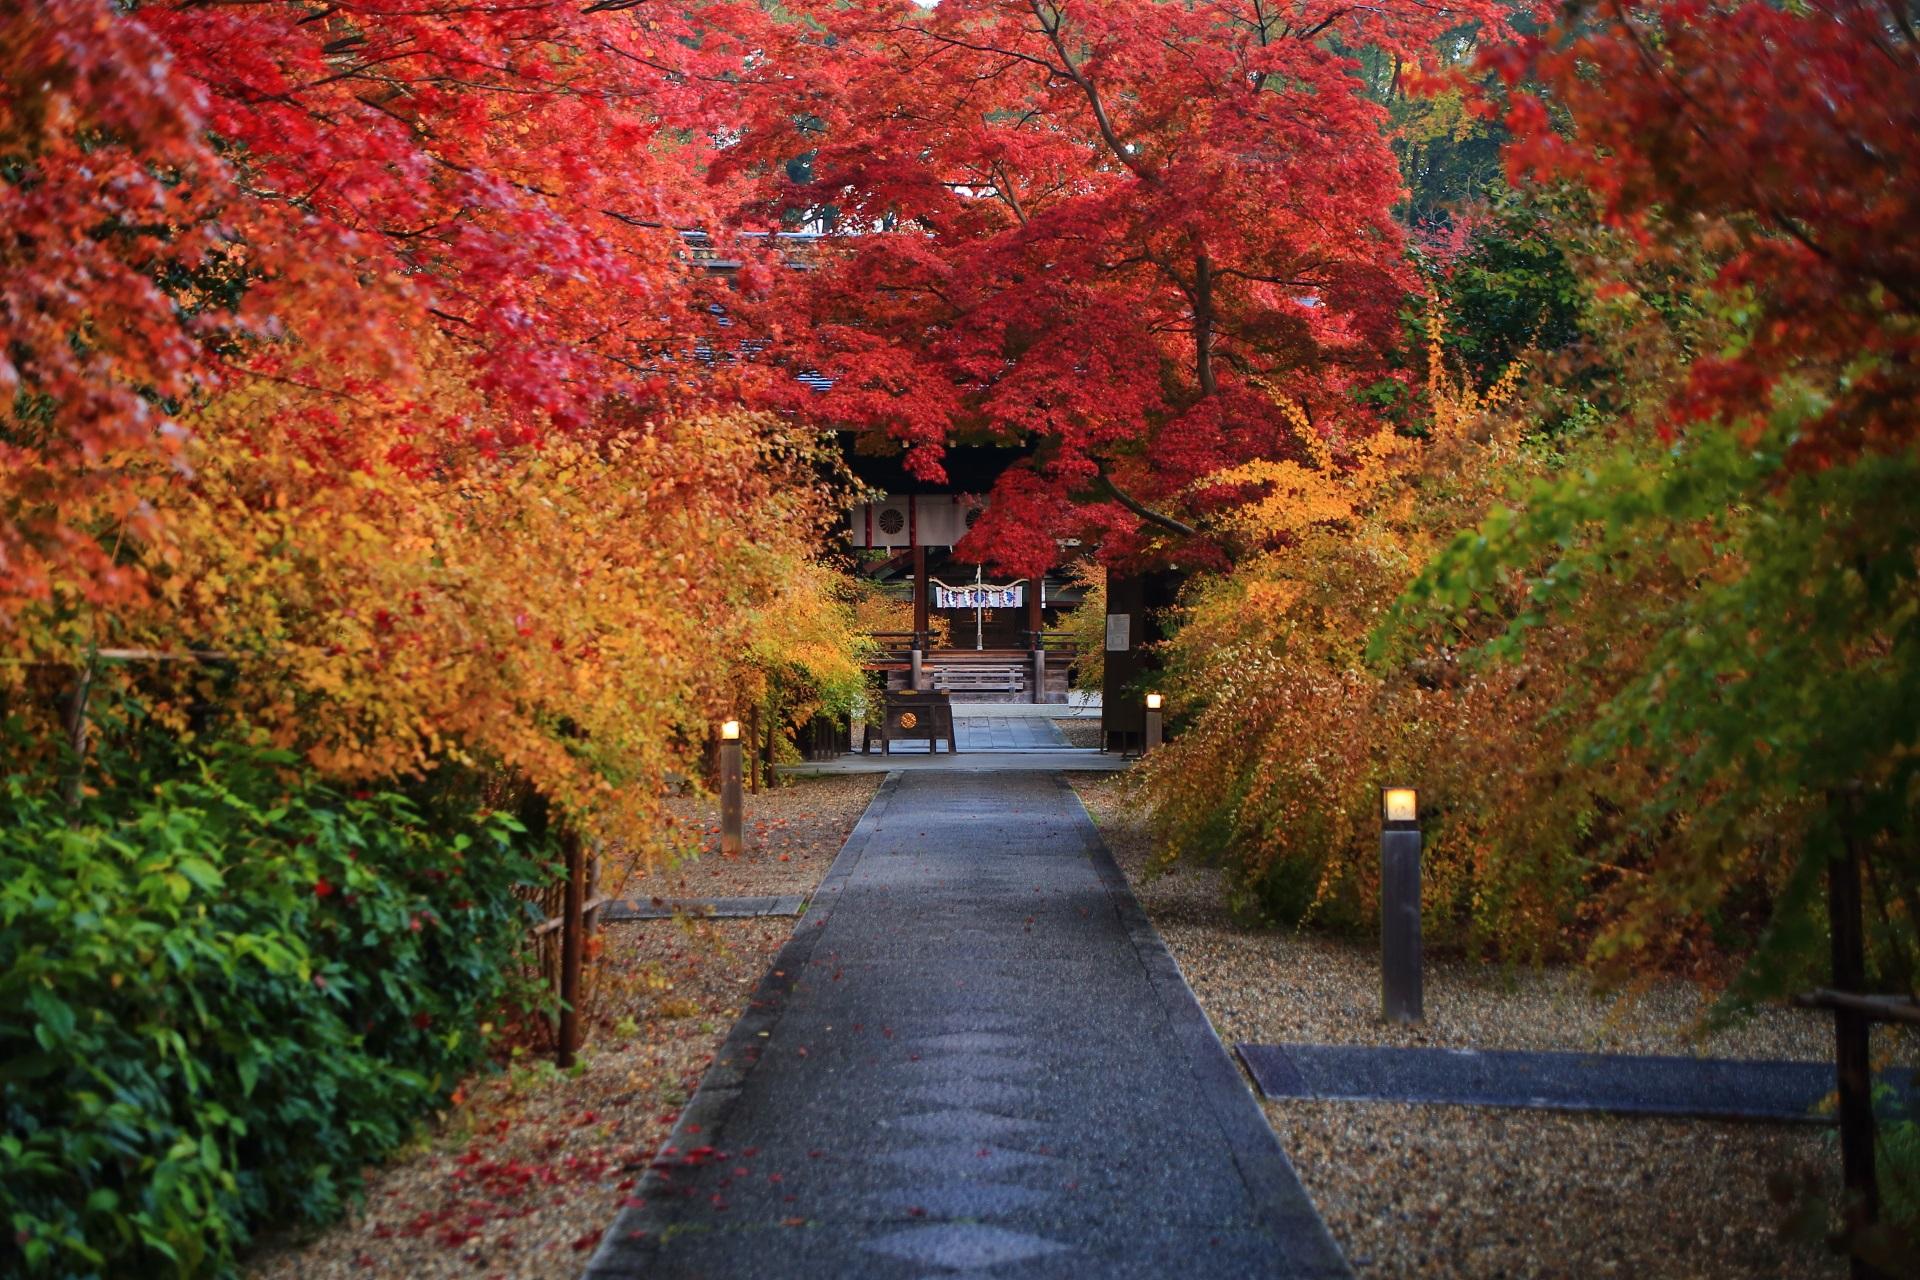 多彩な秋色や多種多様な植物で溢れる梨木神社の参道